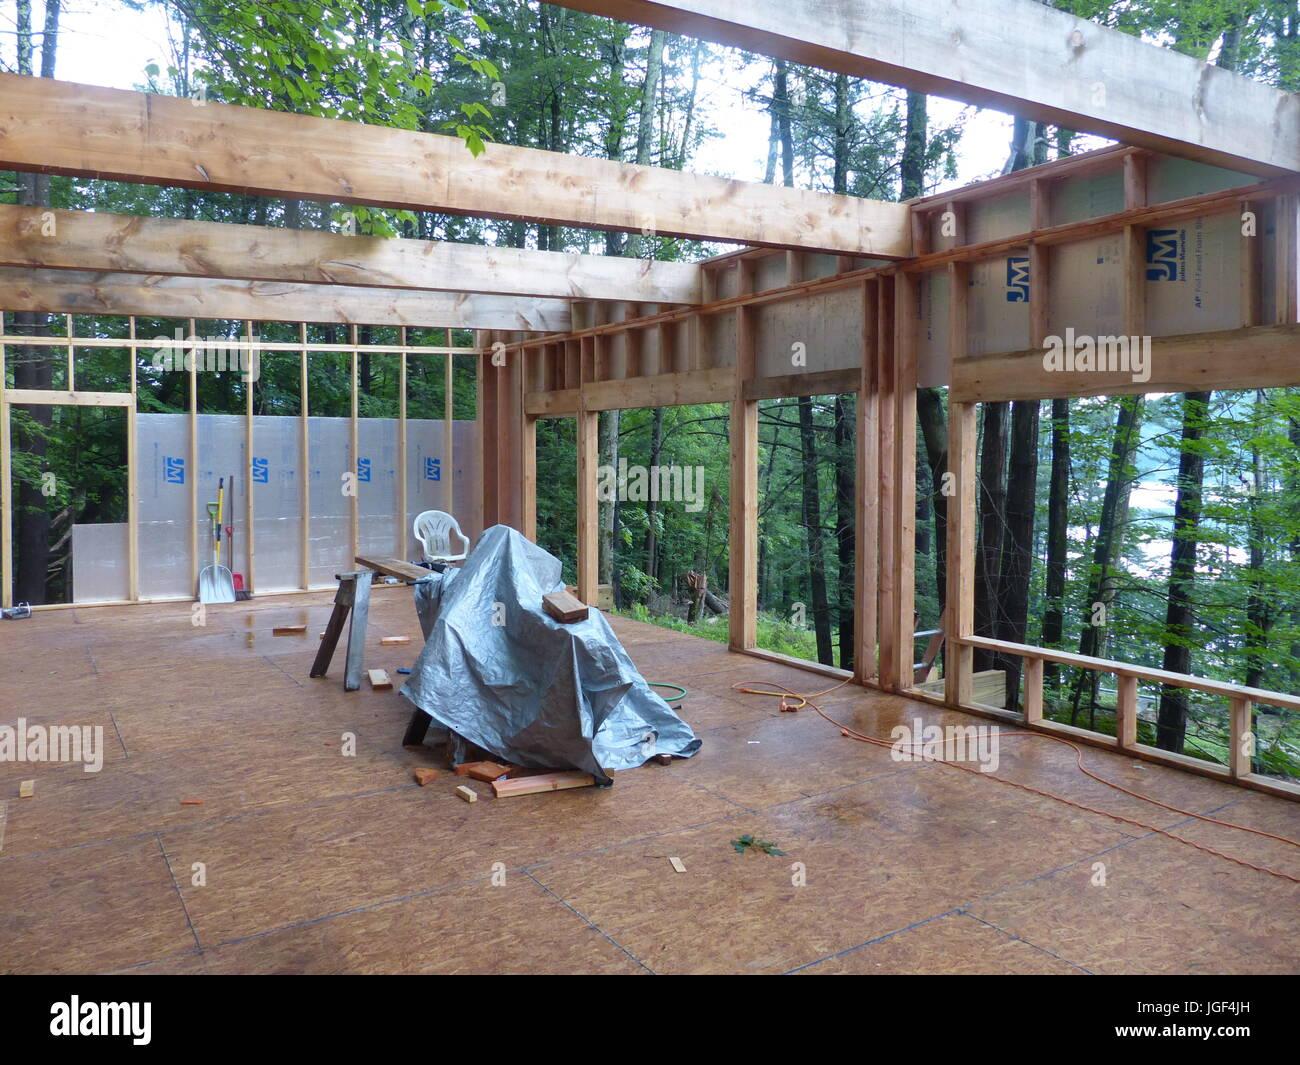 New home construction, Woodstock, NY, USA - Stock Image